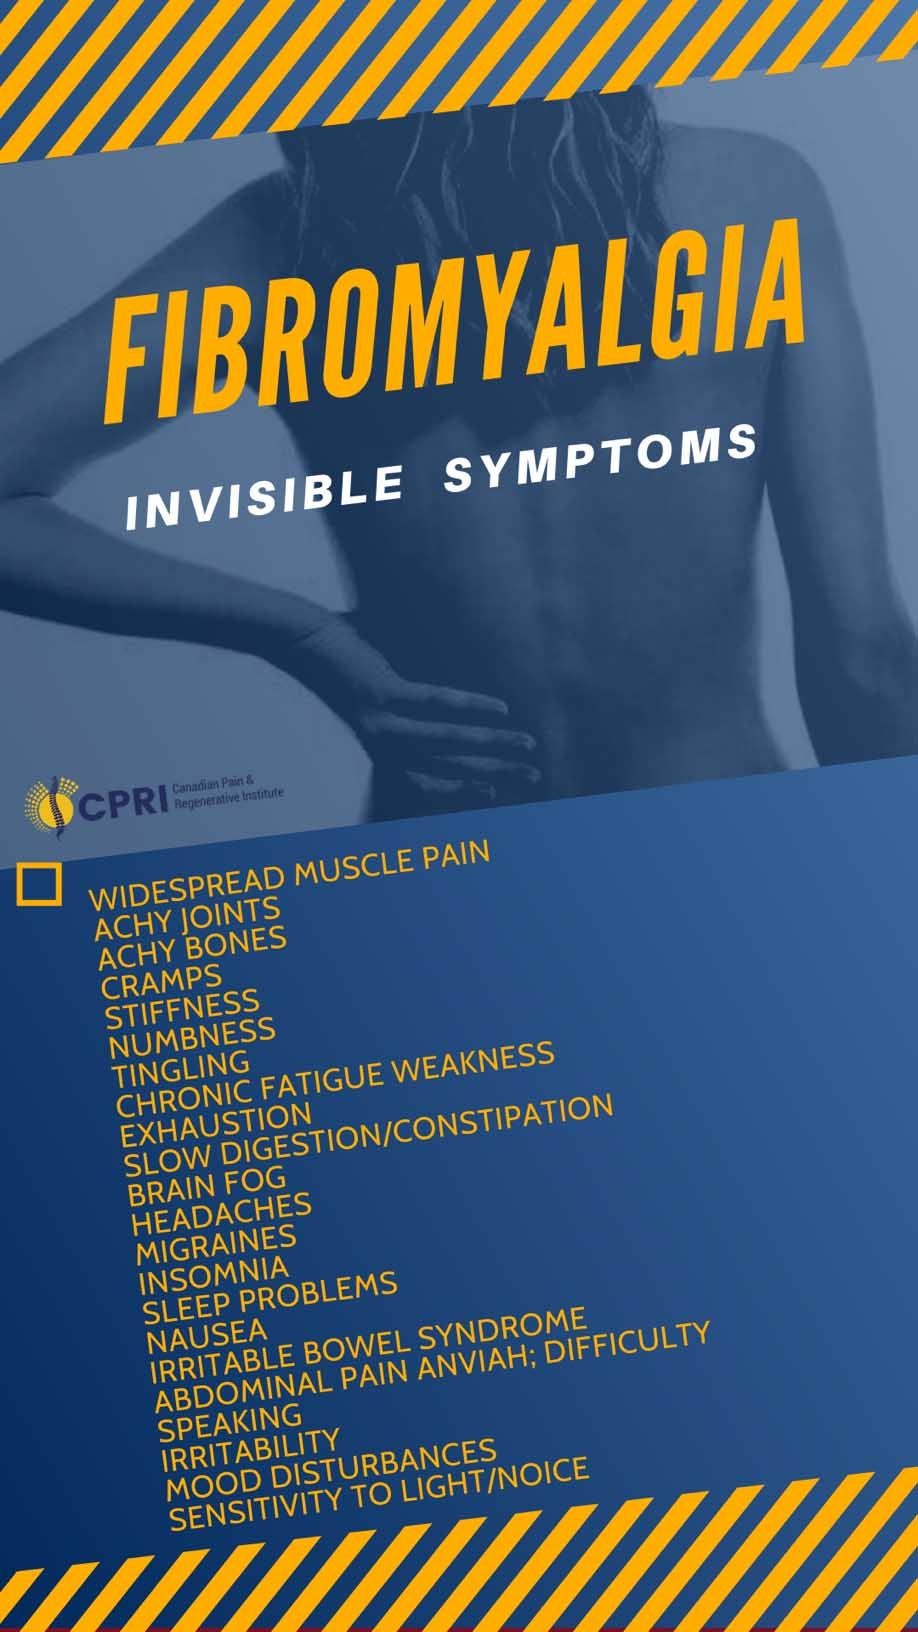 fibromyalgia-s